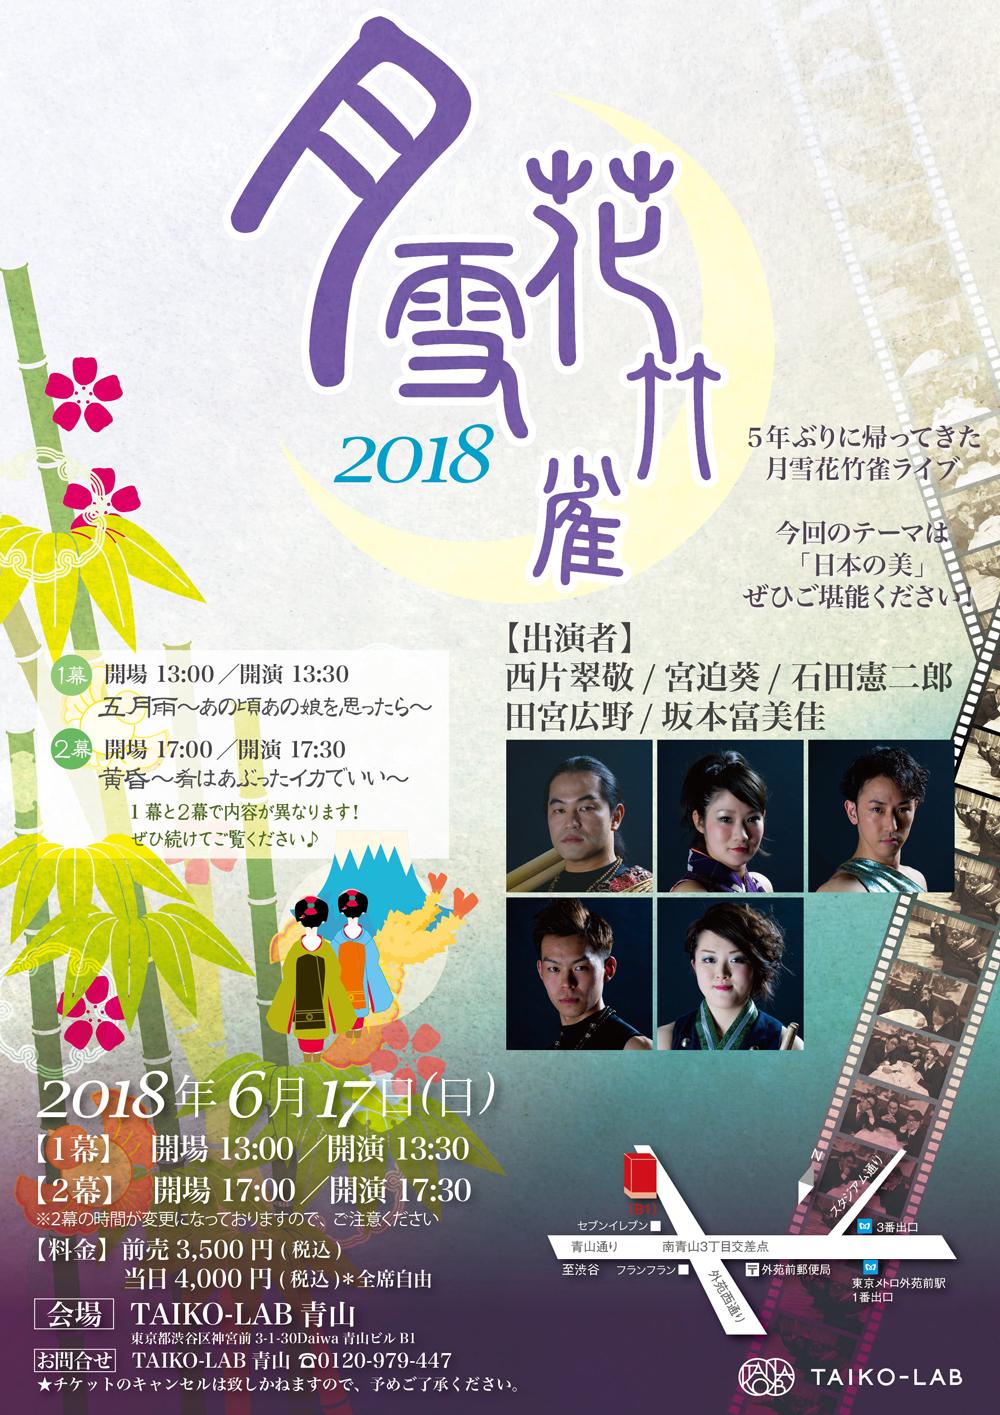 LIVE「月雪花竹雀 2018」